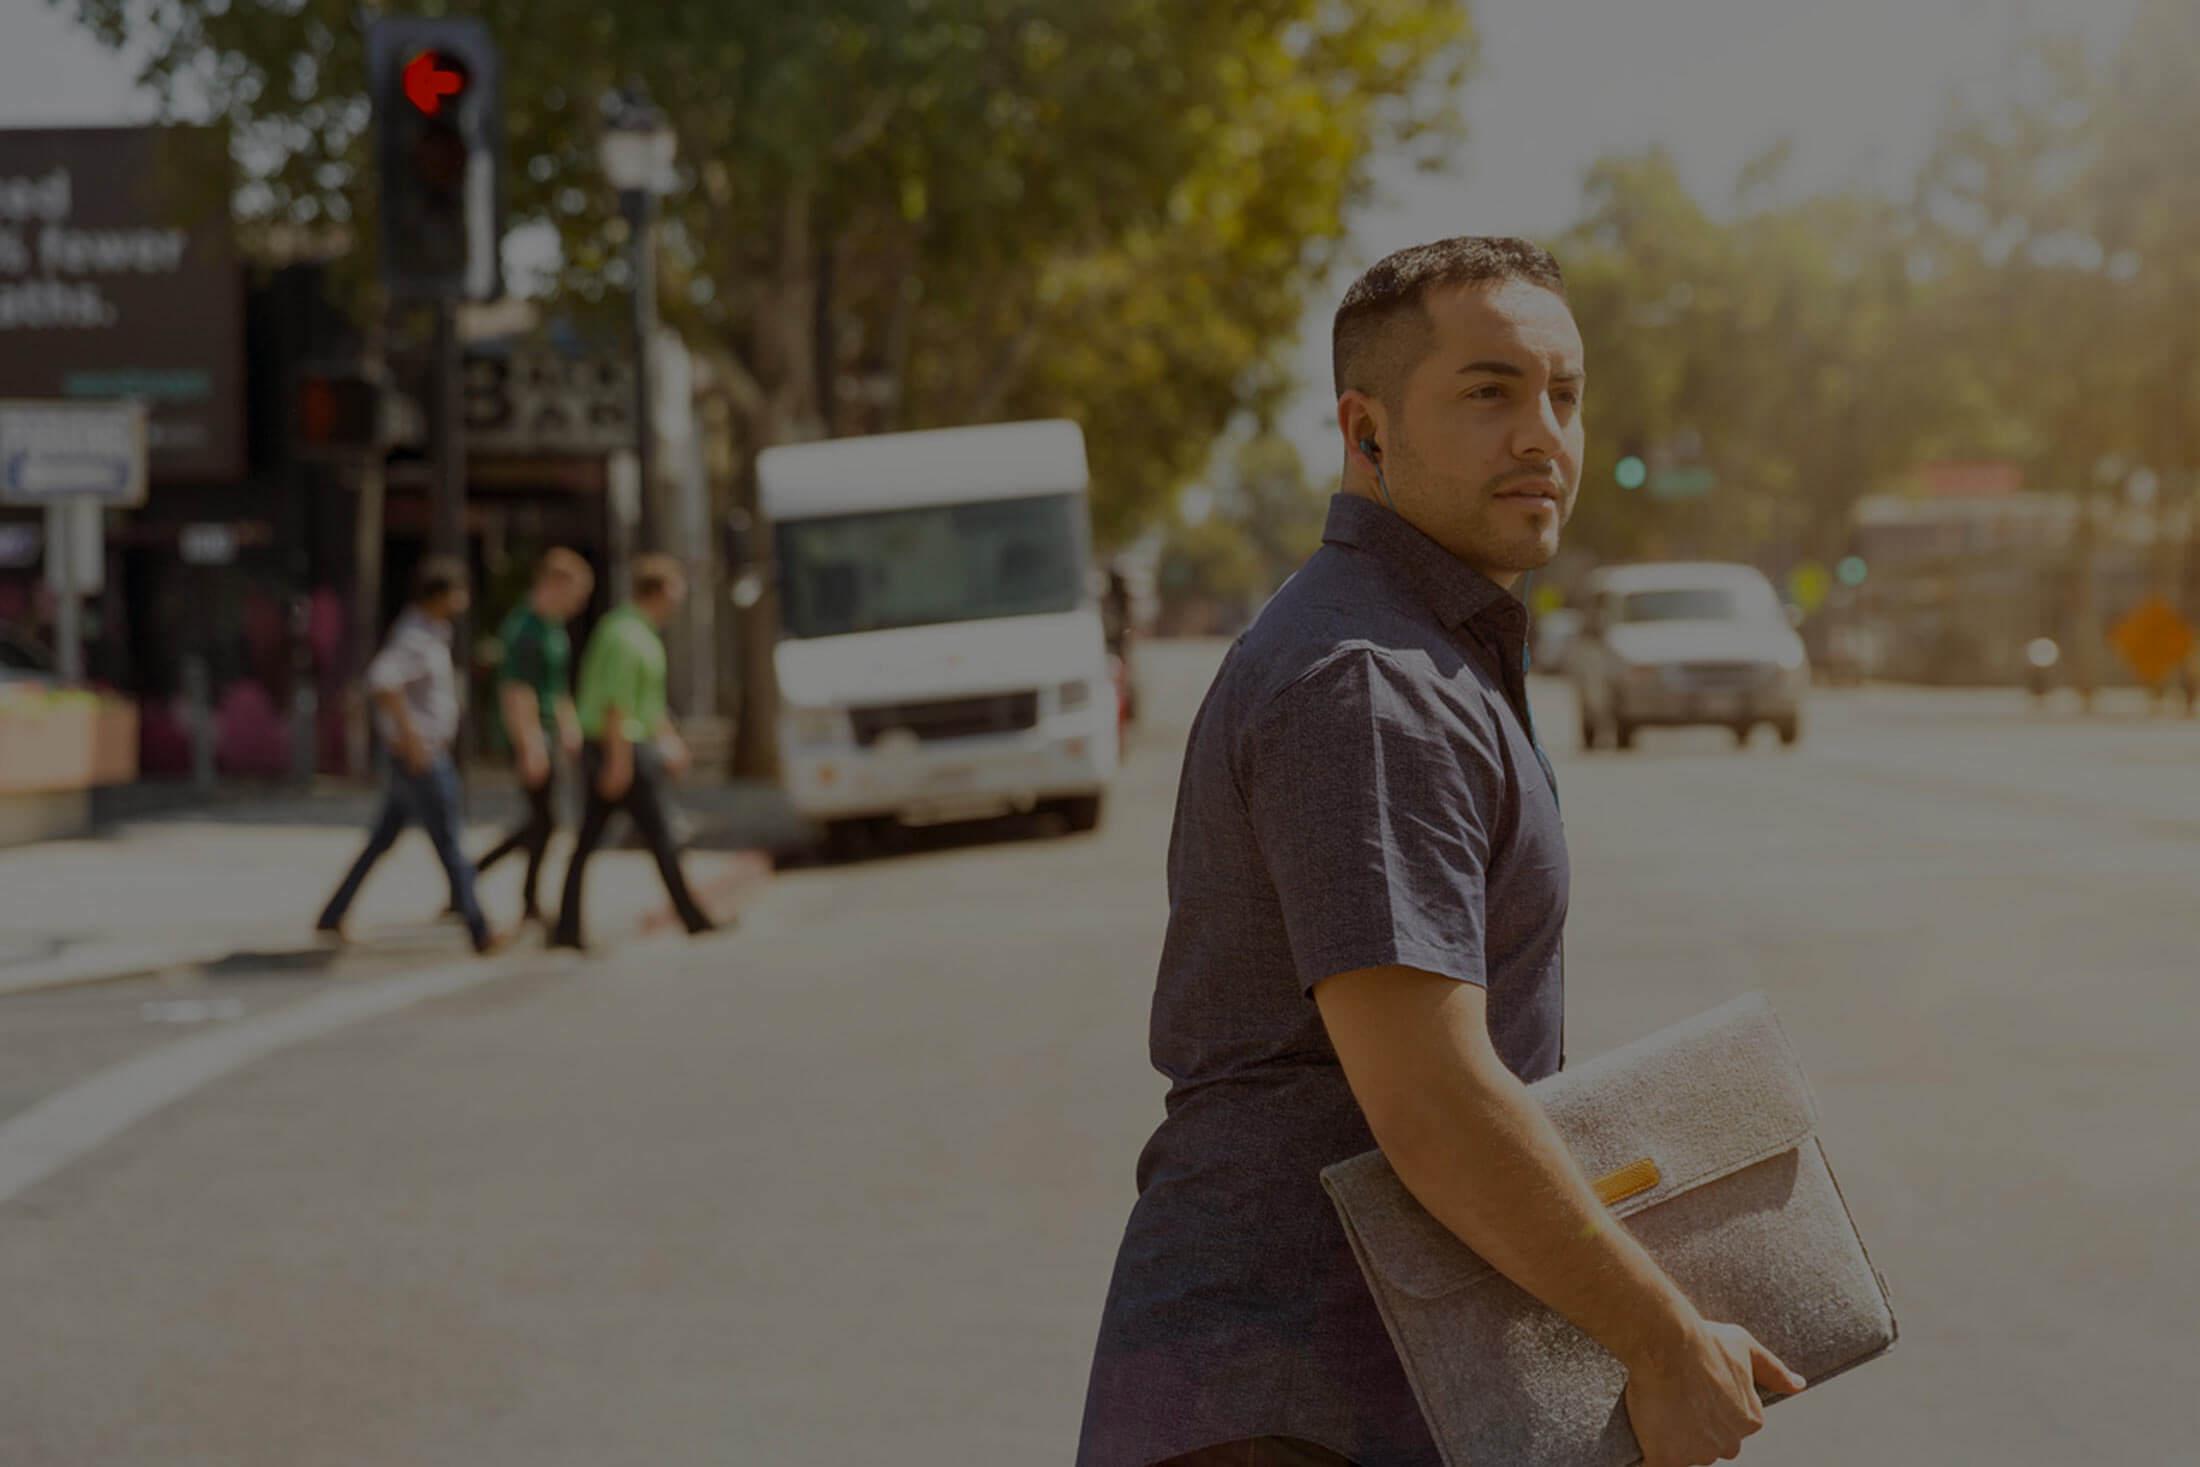 Pole emploi - offre emploi Responsable informatique (H/F) - La Teste-de-Buch